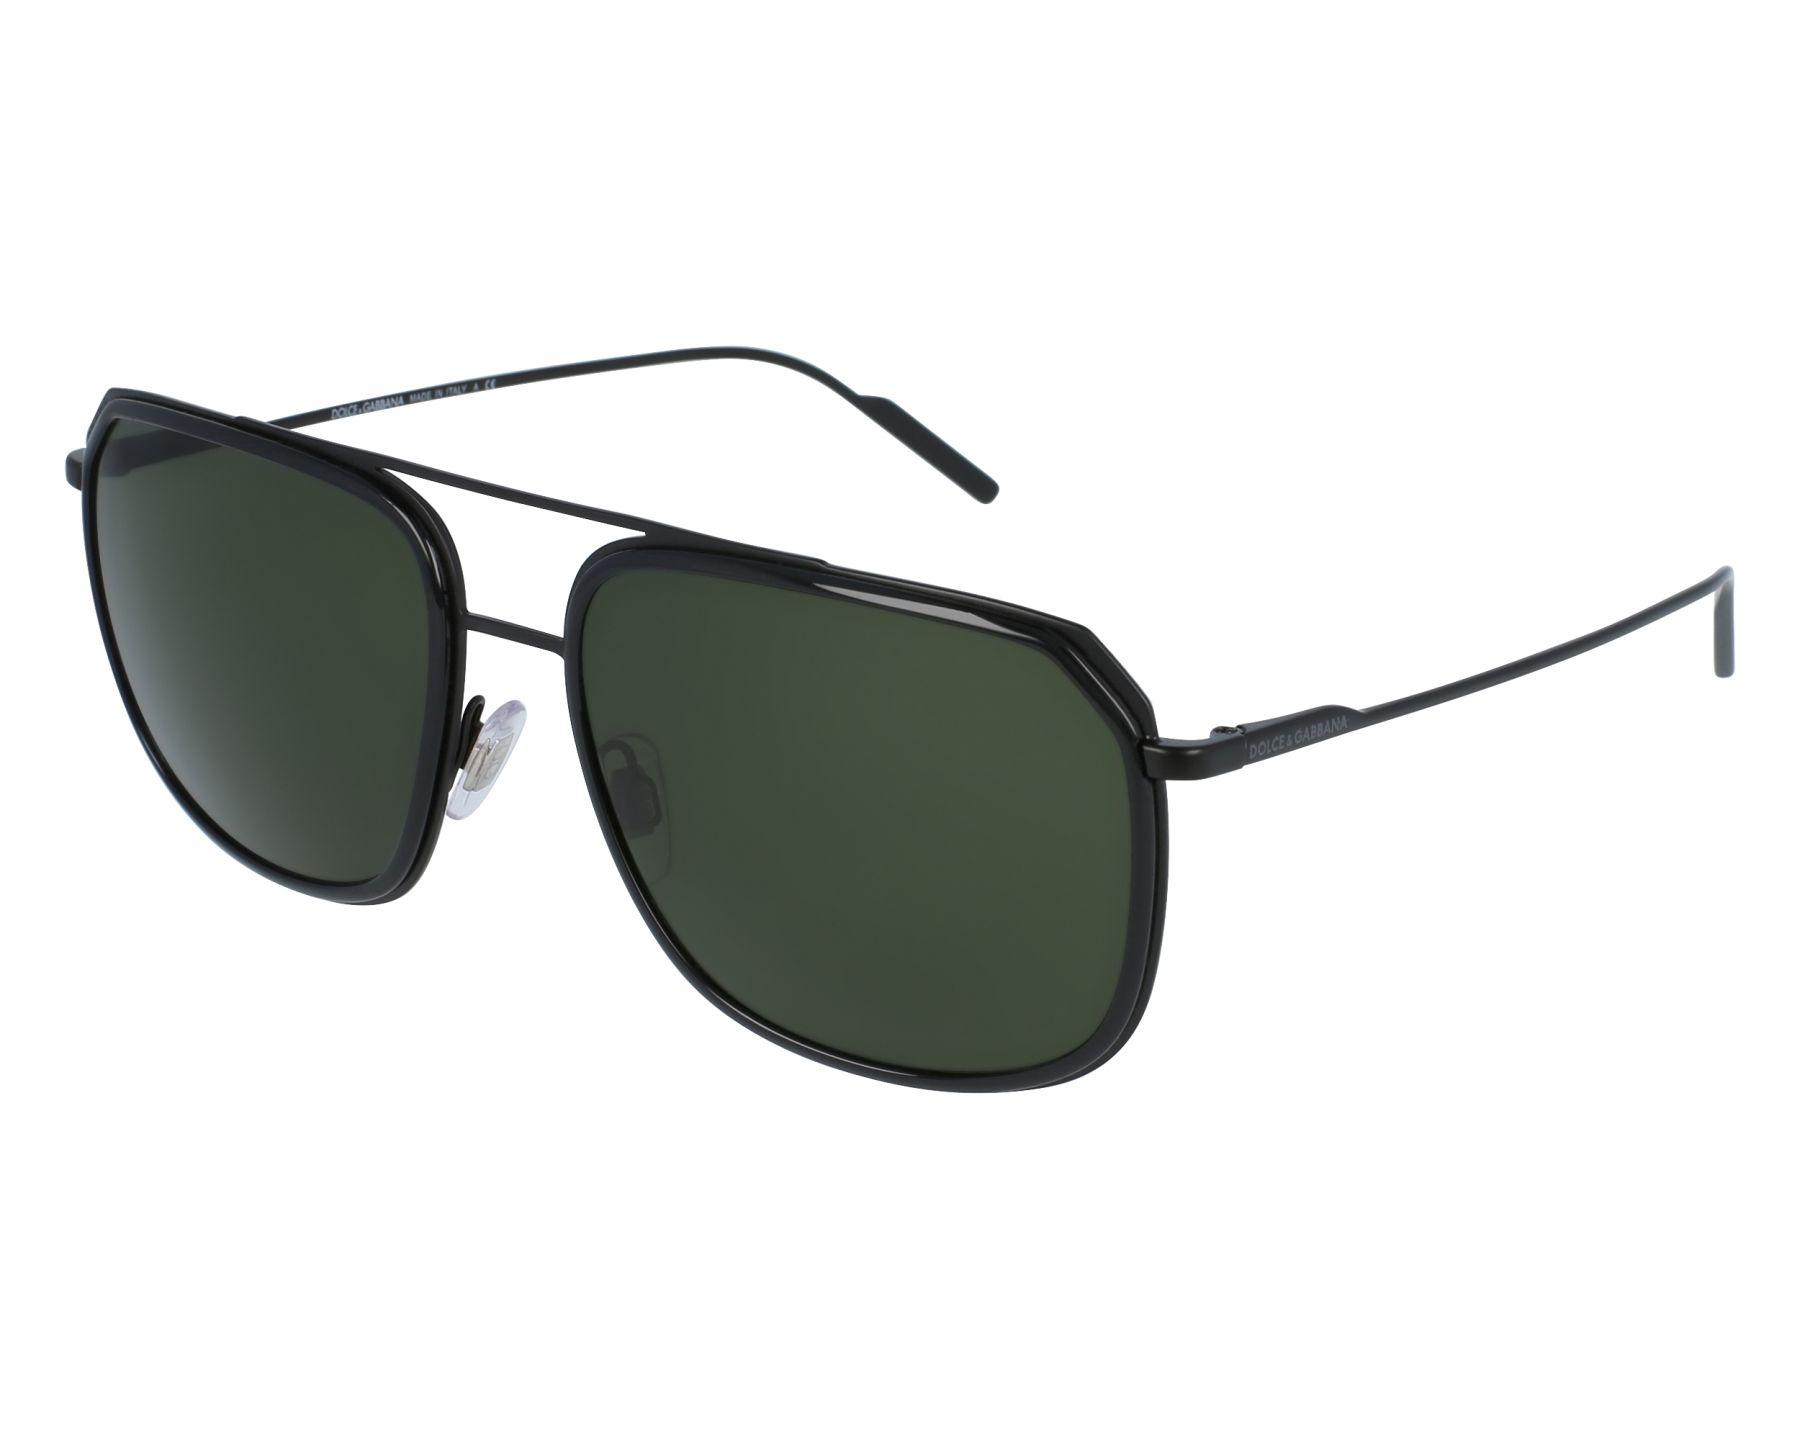 Dolce and Gabbana DG2165 Sonnenbrille Schwarz / Mattschwarz 110671 58mm ZFZuHT